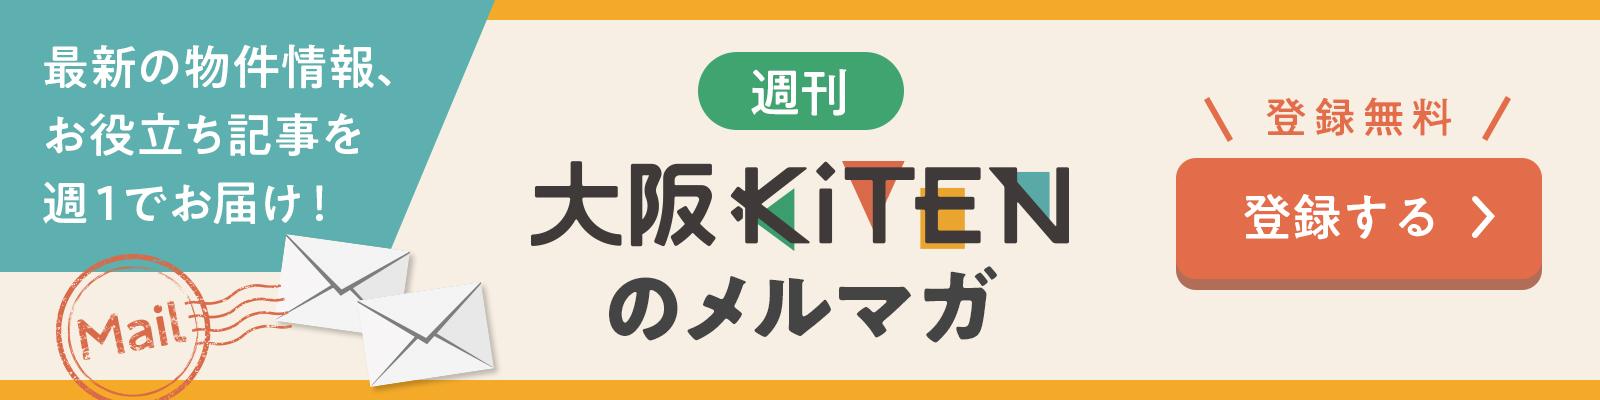 週刊 大阪KITENのメルマガ